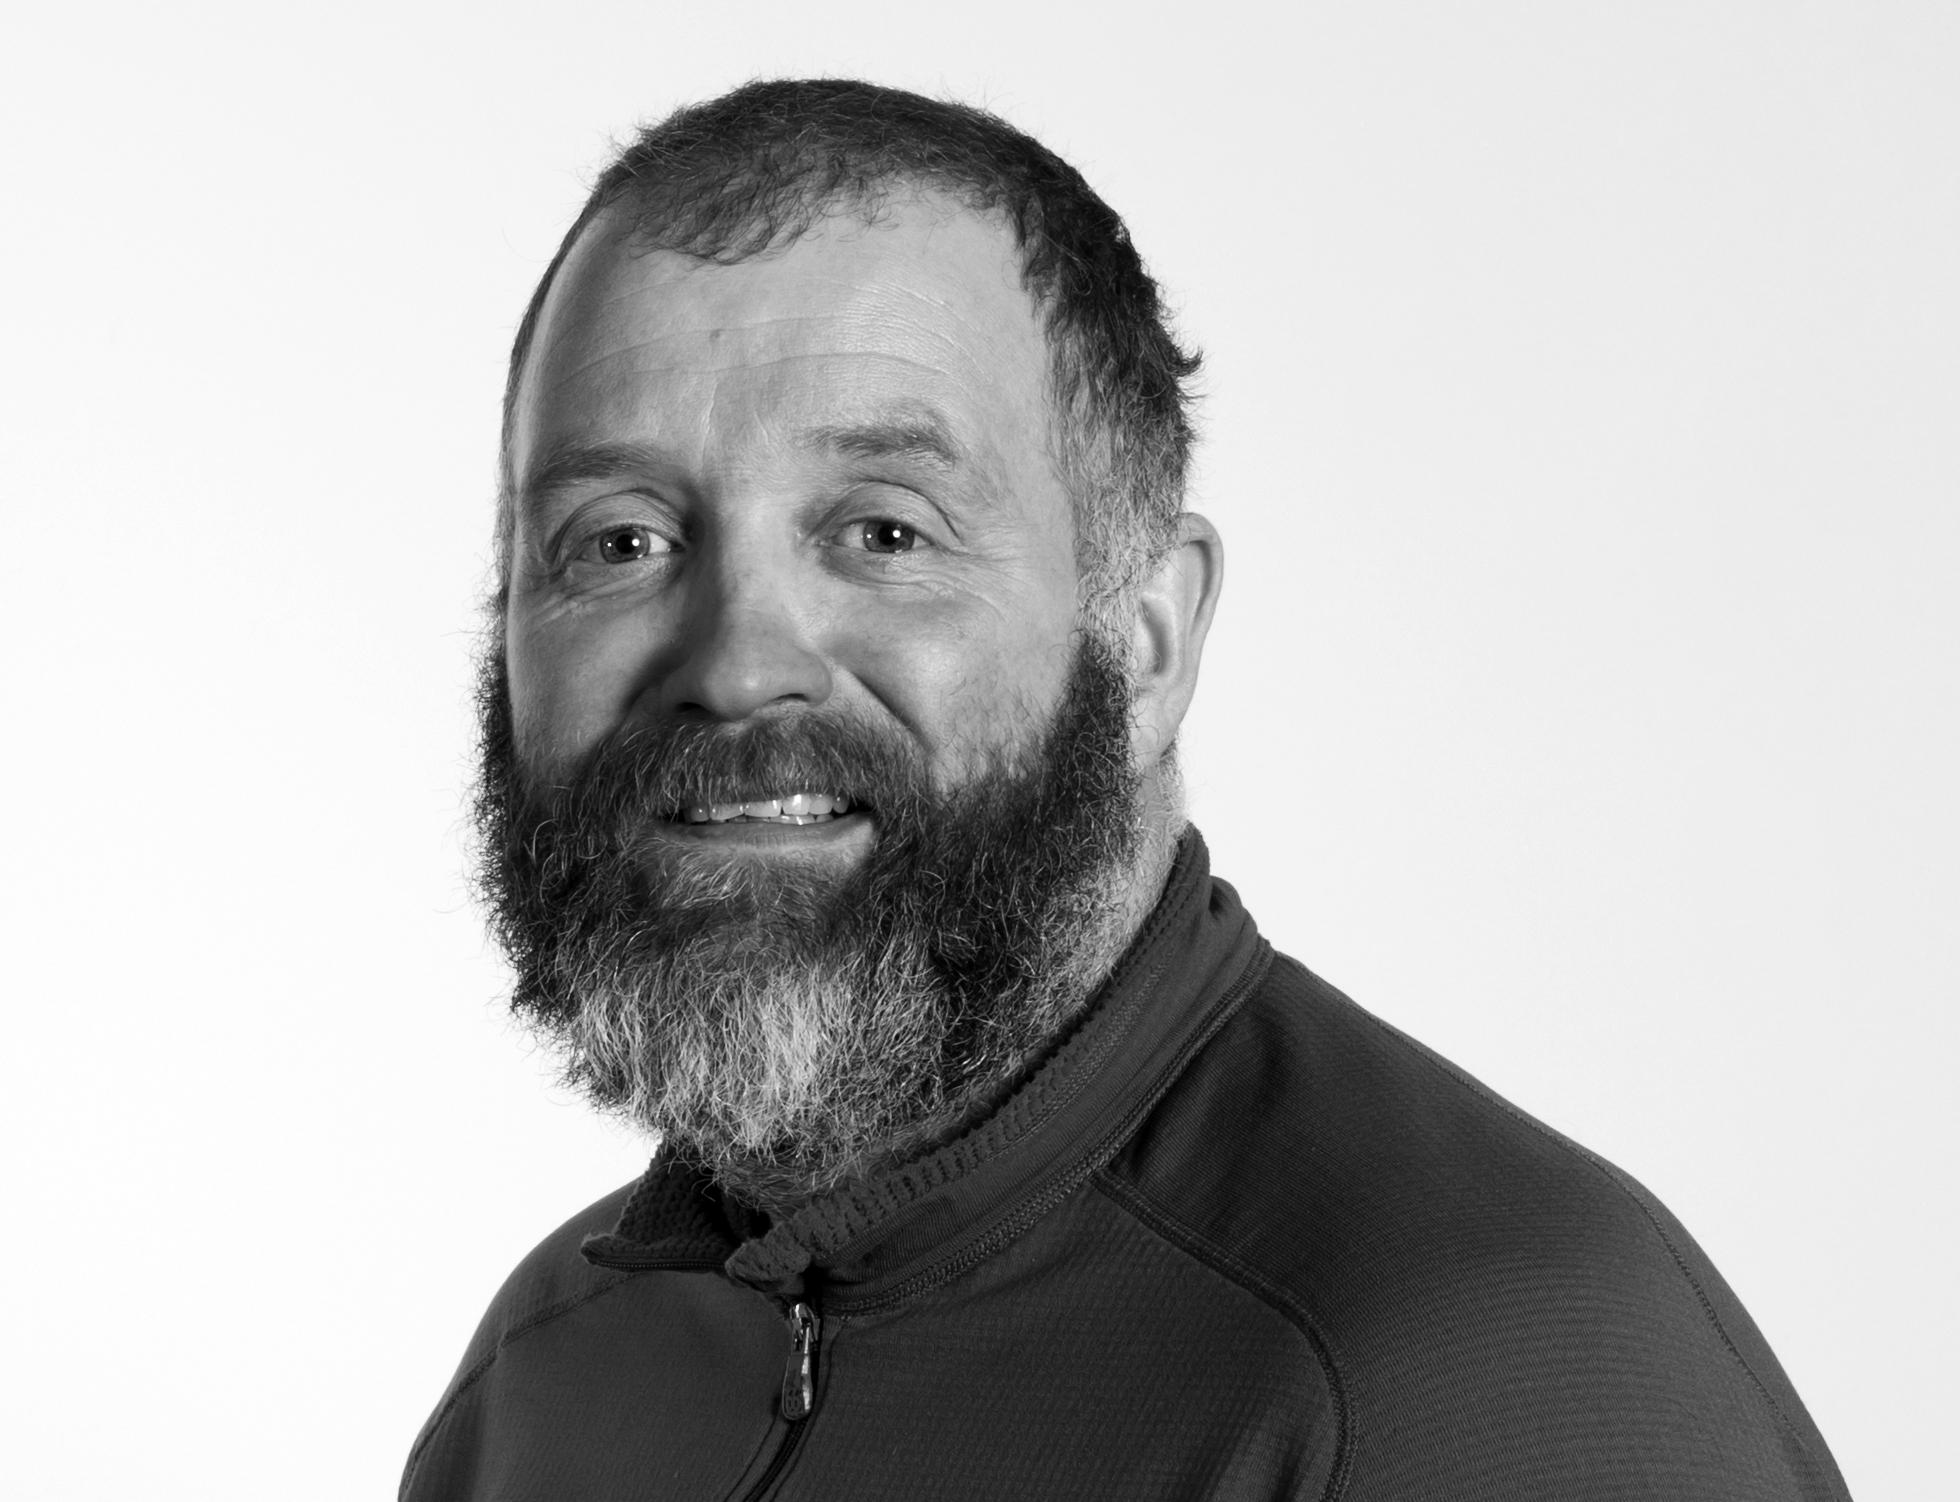 Vilmundur Geir Guðmundsson